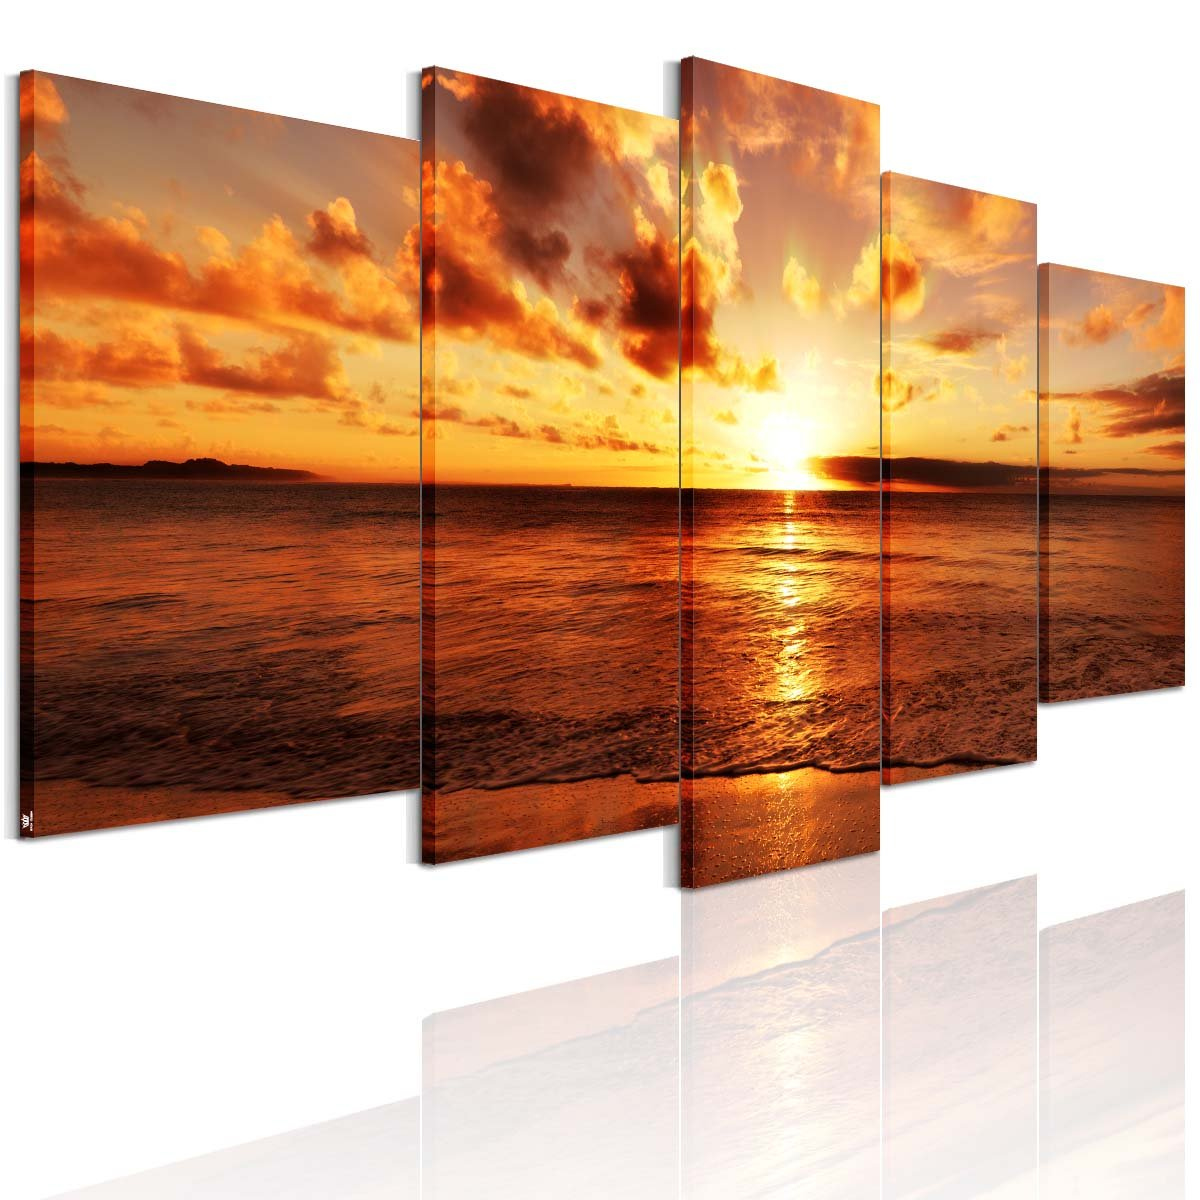 アートパネル 完成品 インテリア 海 パネル アートフレーム 海 絵画 海 壁飾り ポスター 海 モダン 現代 海の景色 夜明けの海 5枚パネル B01MXEPZQL